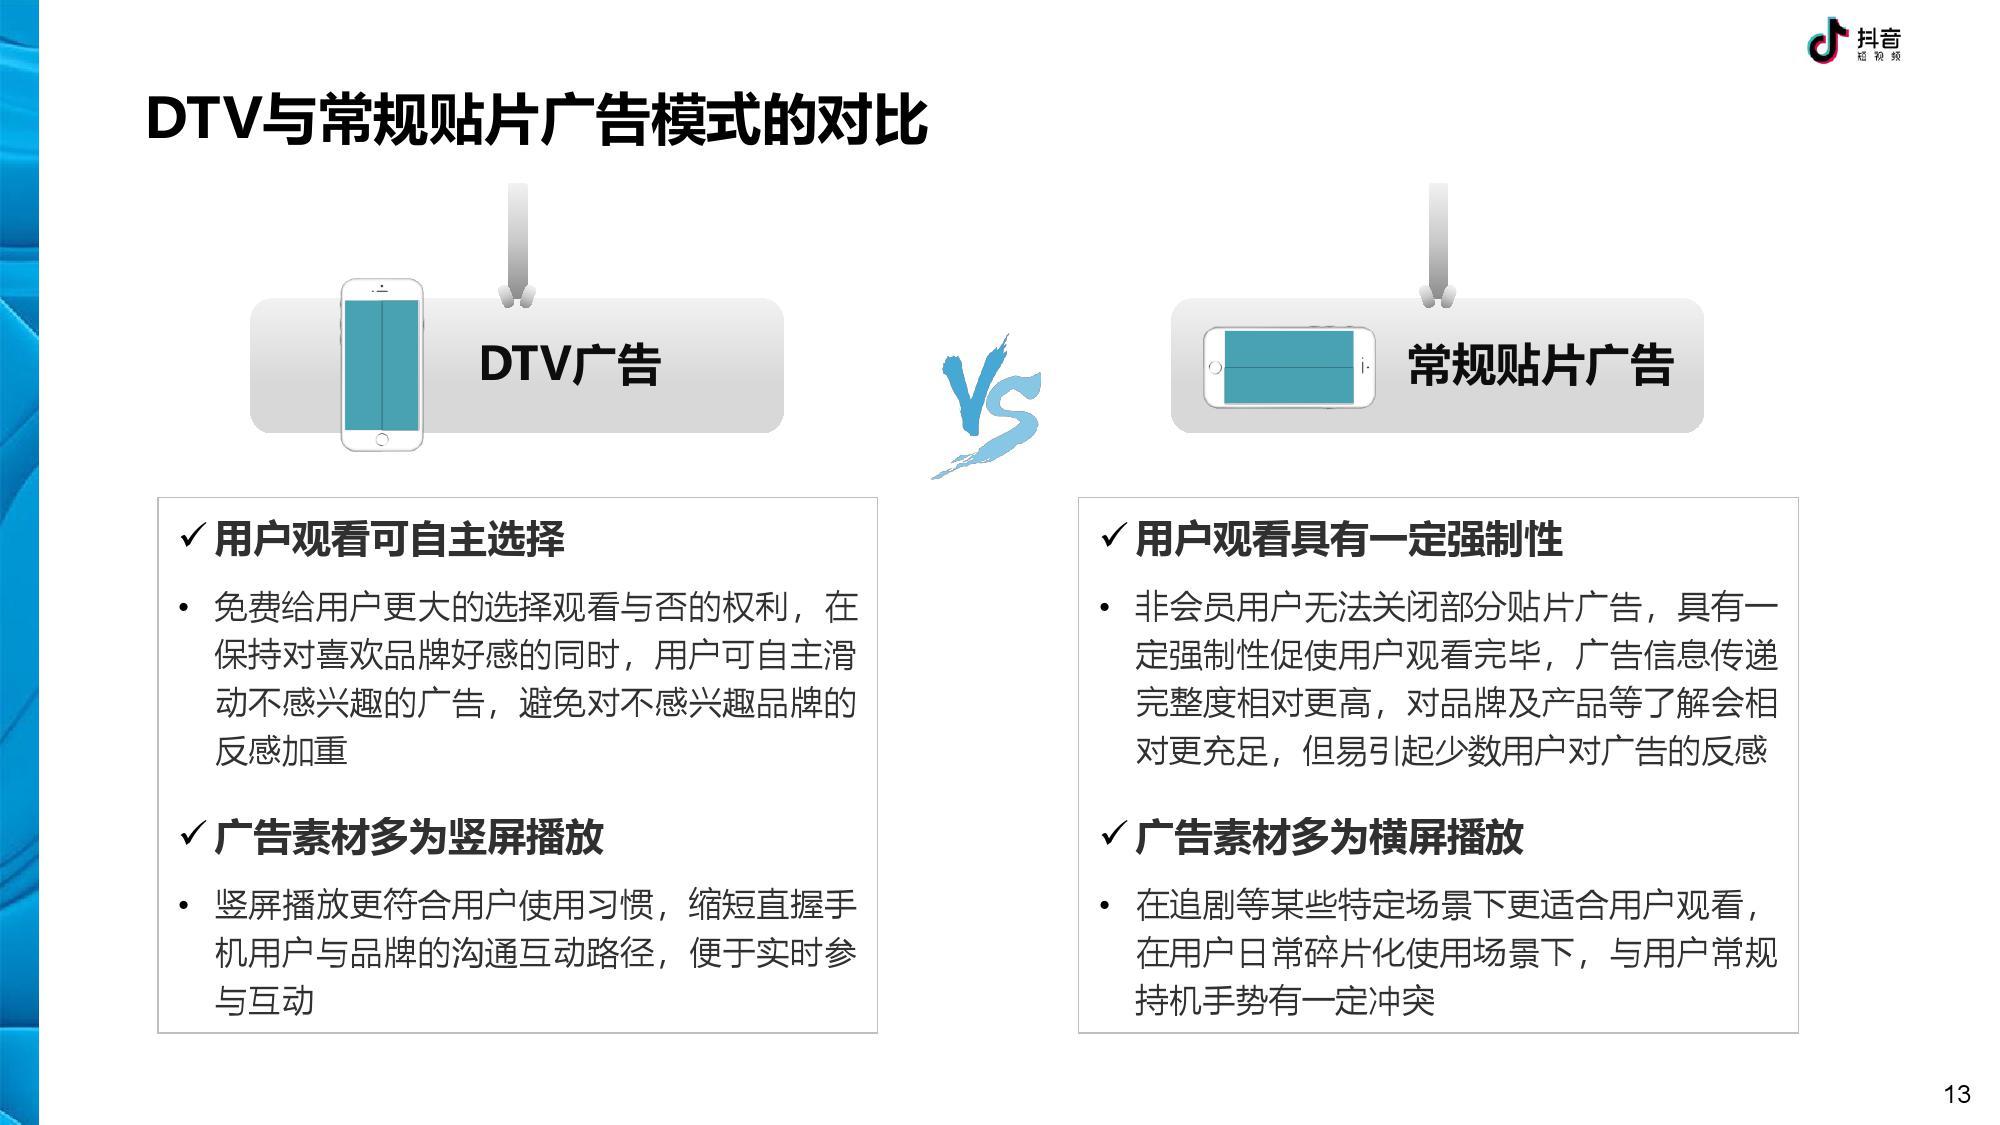 抖音 DTV 广告营销价值白皮书-CNMOAD 中文移动营销资讯 13